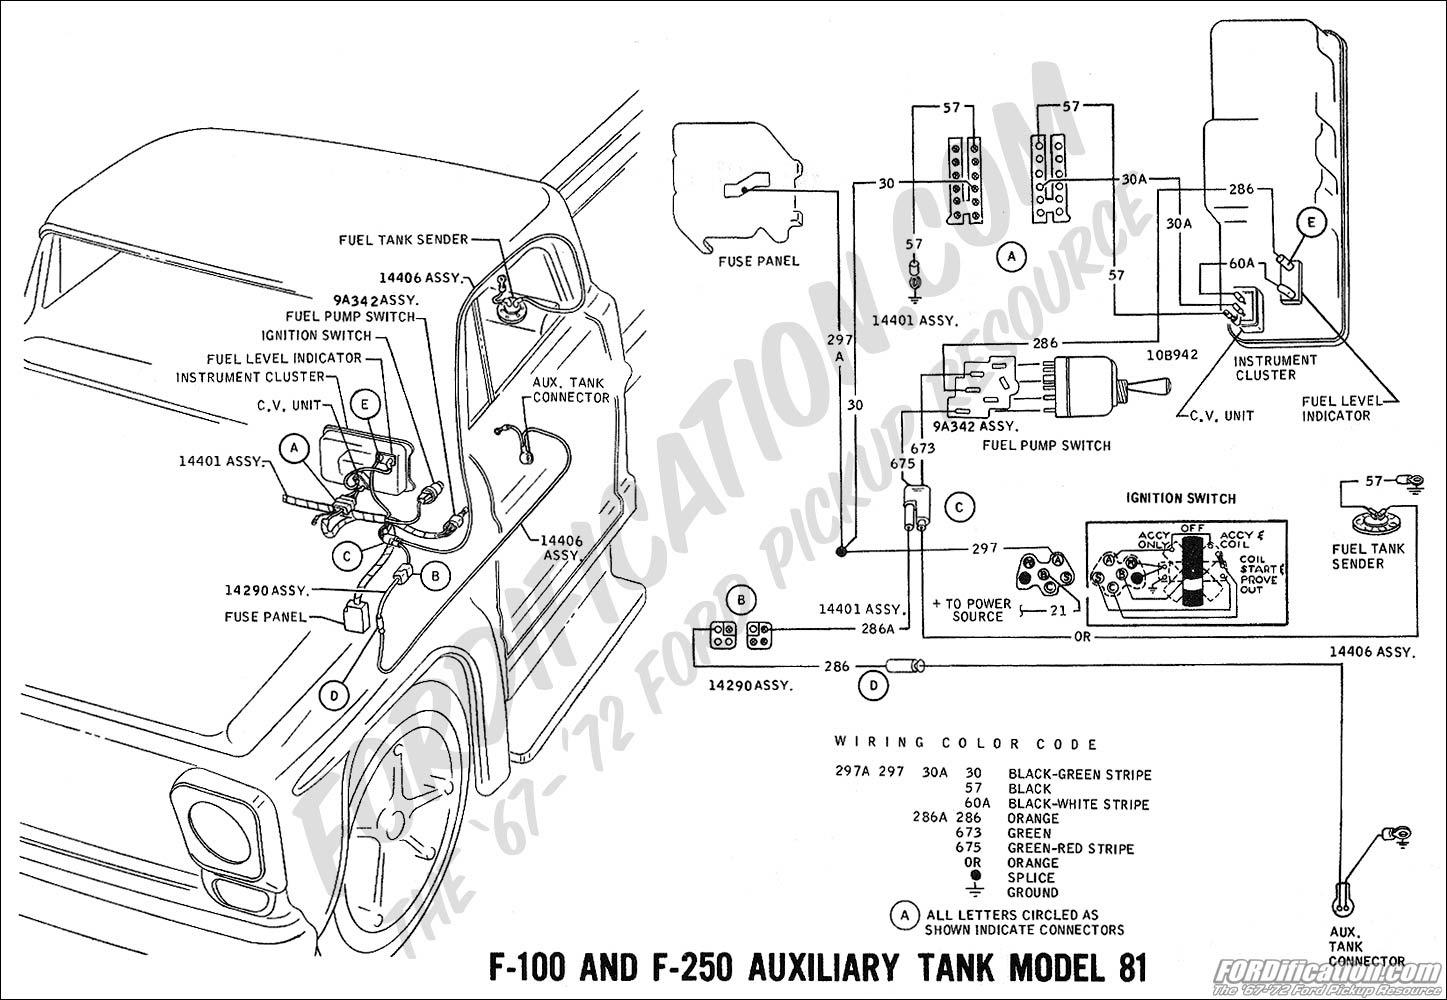 5383 Fuse Box 1989 Chevy Silverado Wiring Diagram Library